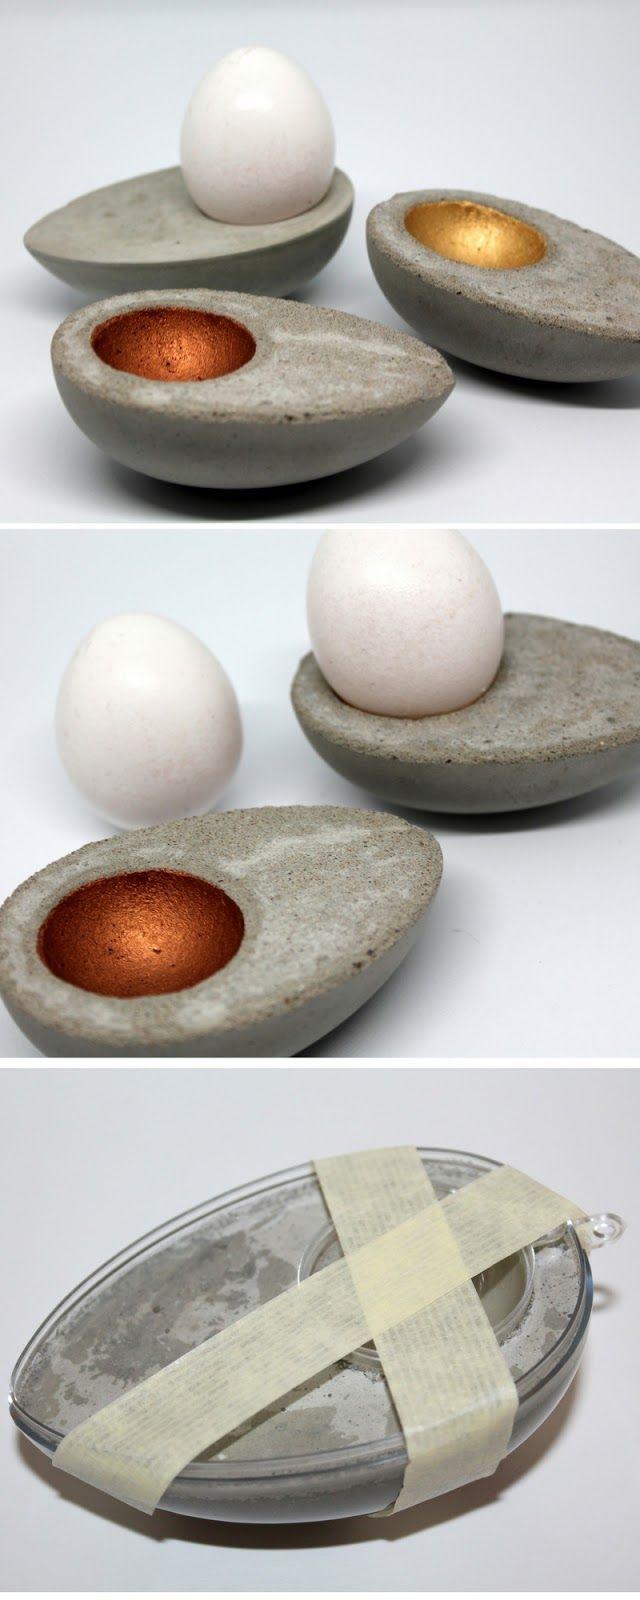 DIY Eierbecher aus Beton in Eierform ganz einfach selber machen! Mit dieser Anleitung klappt es auf jeden Fall!